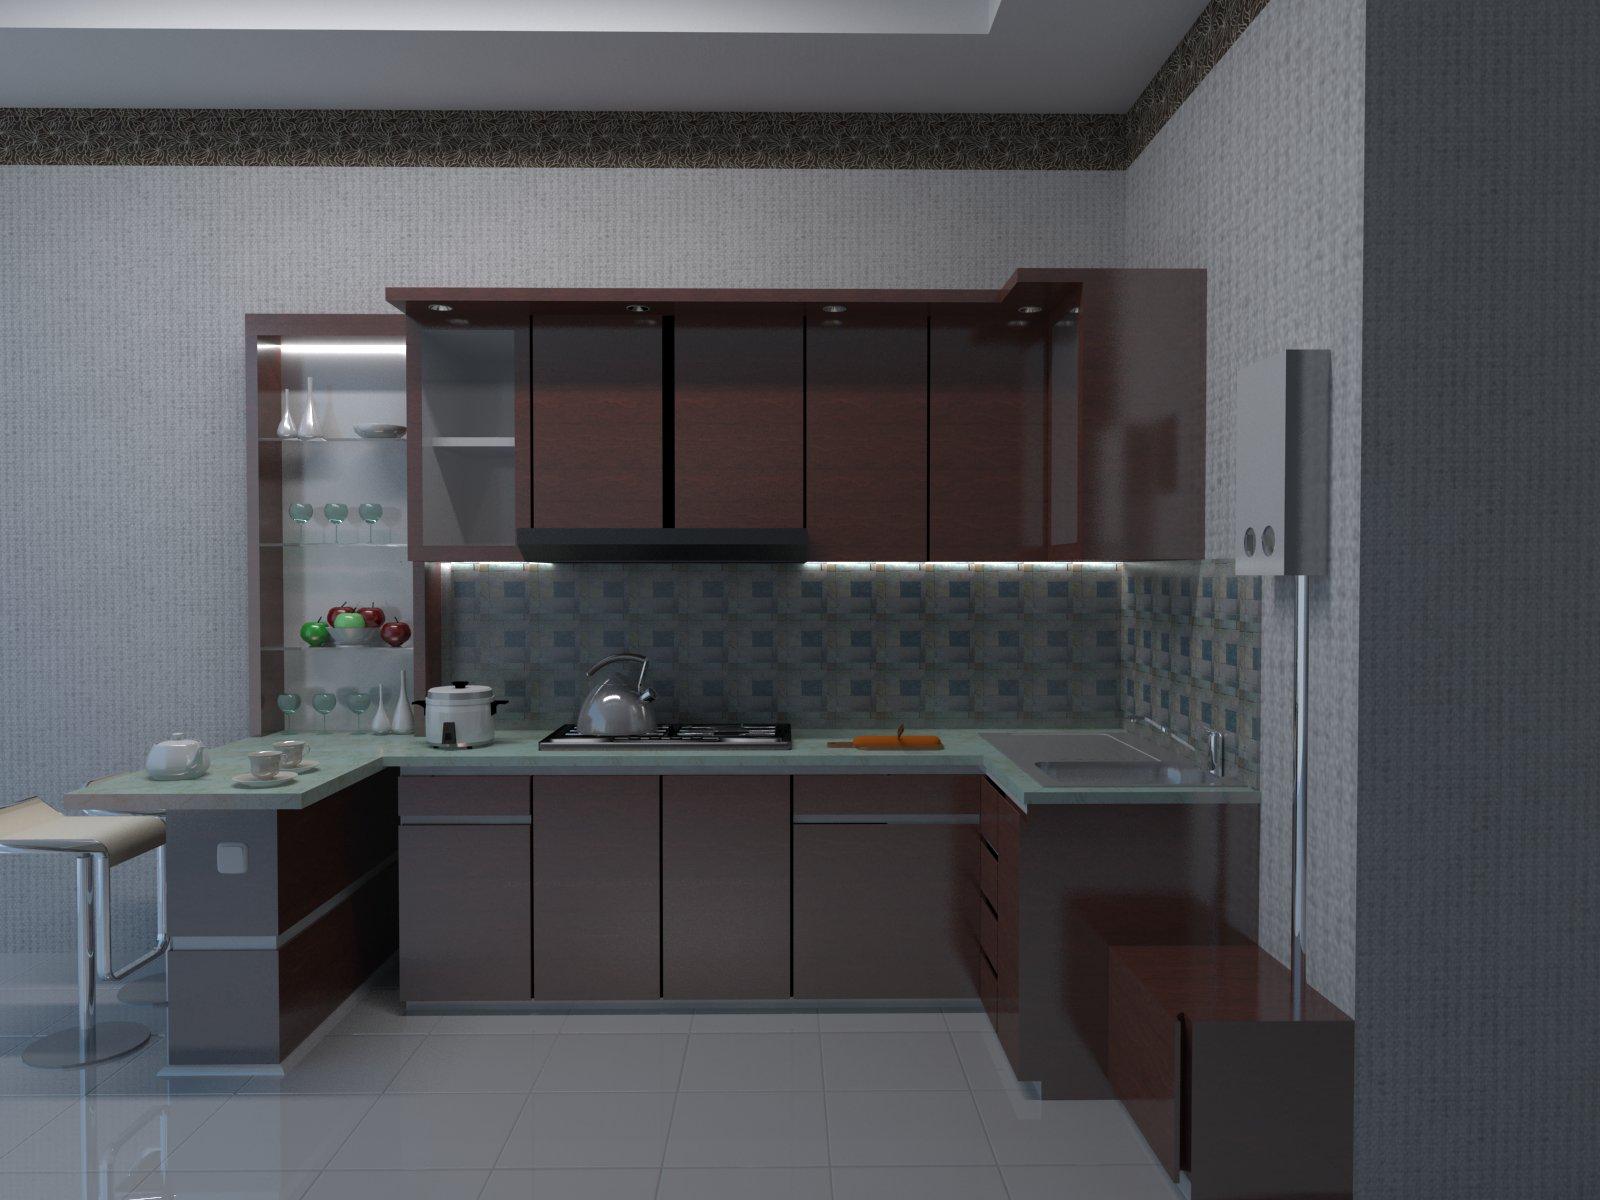 desain kitchen set ibu iqoh, jl.ahmad yani bogor jawa barat ~ jasa